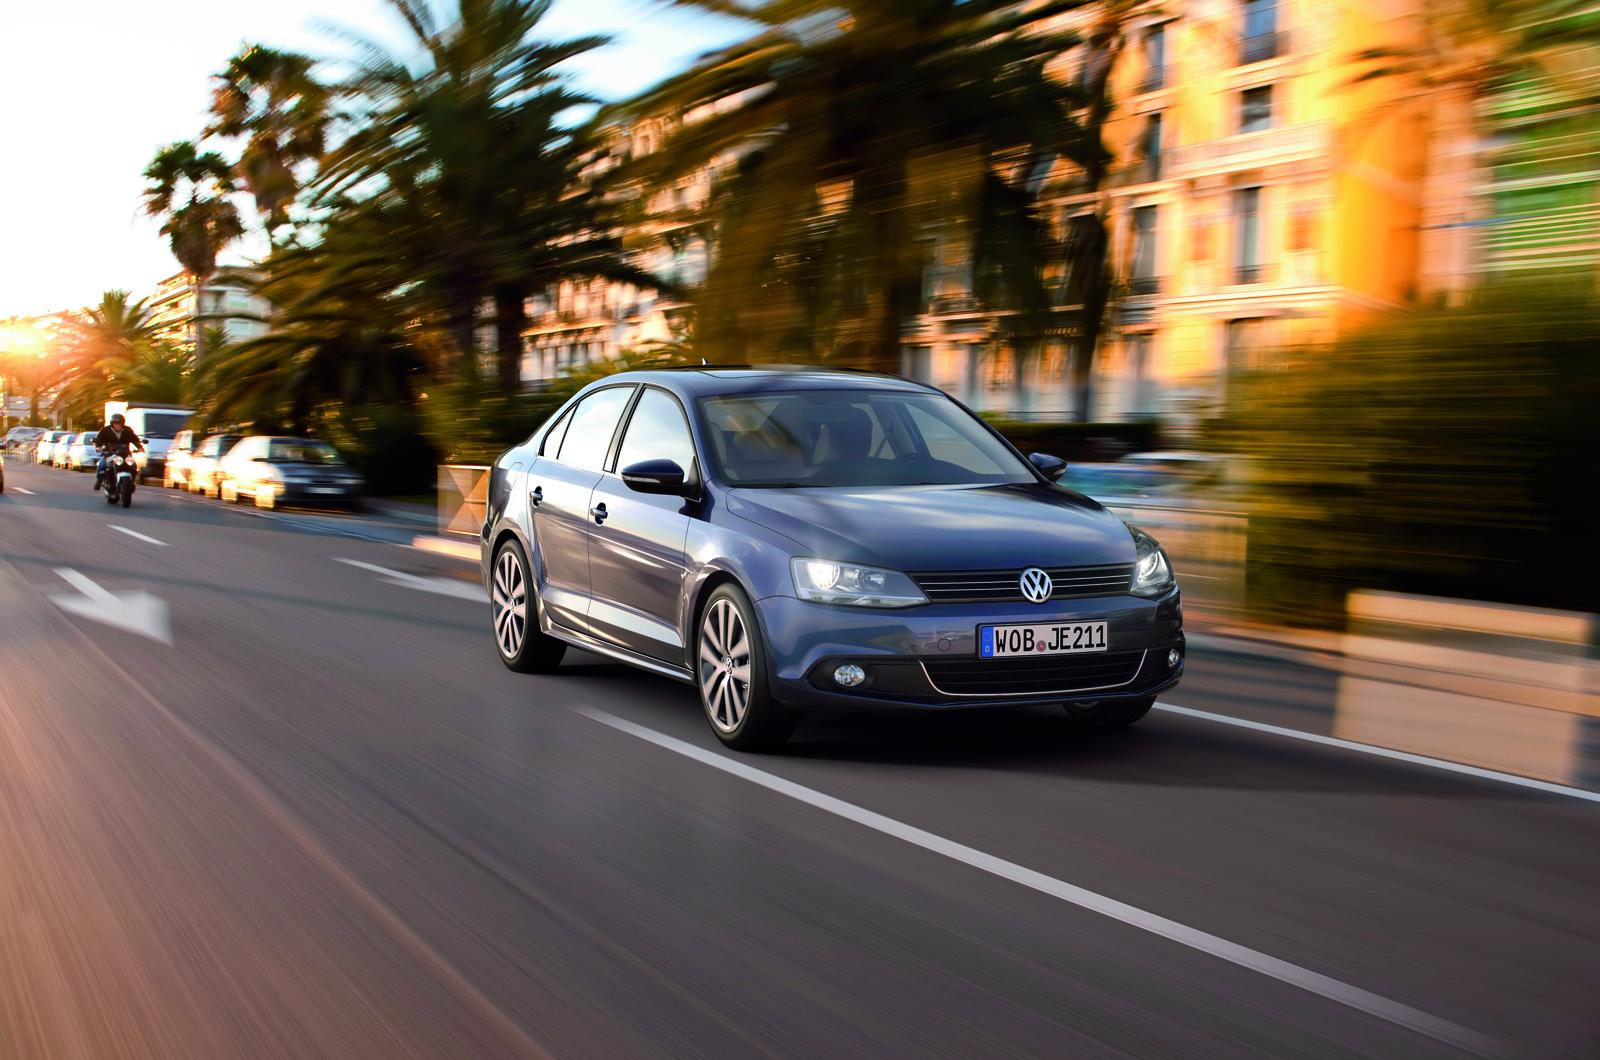 Volkswagen Jetta 2.0 TDI DSG